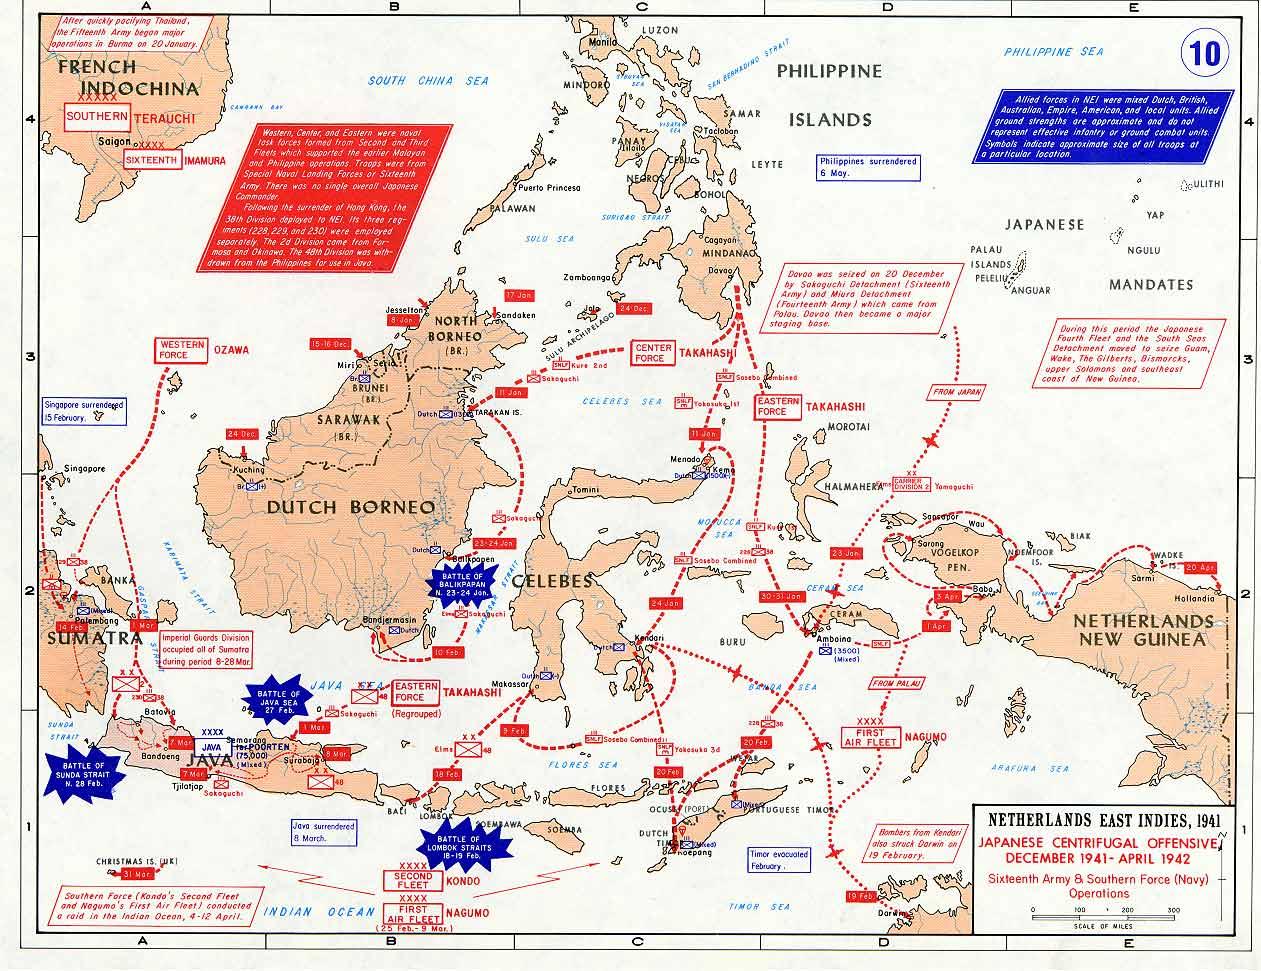 Invasion des Indes orientales néerlandaises